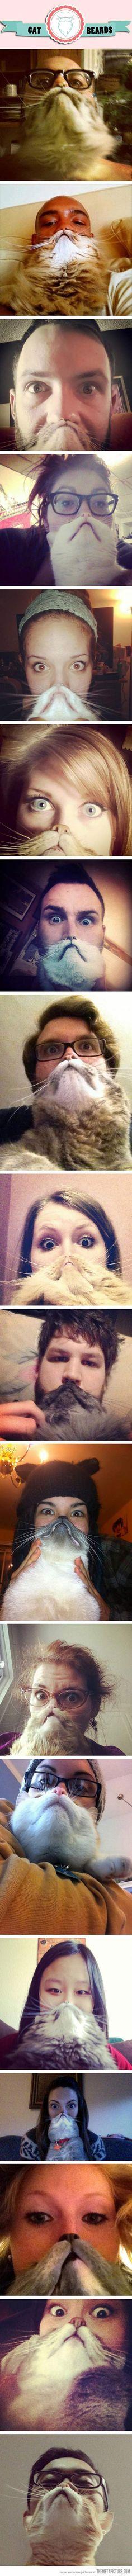 Cat beards, cat beards everywhere…